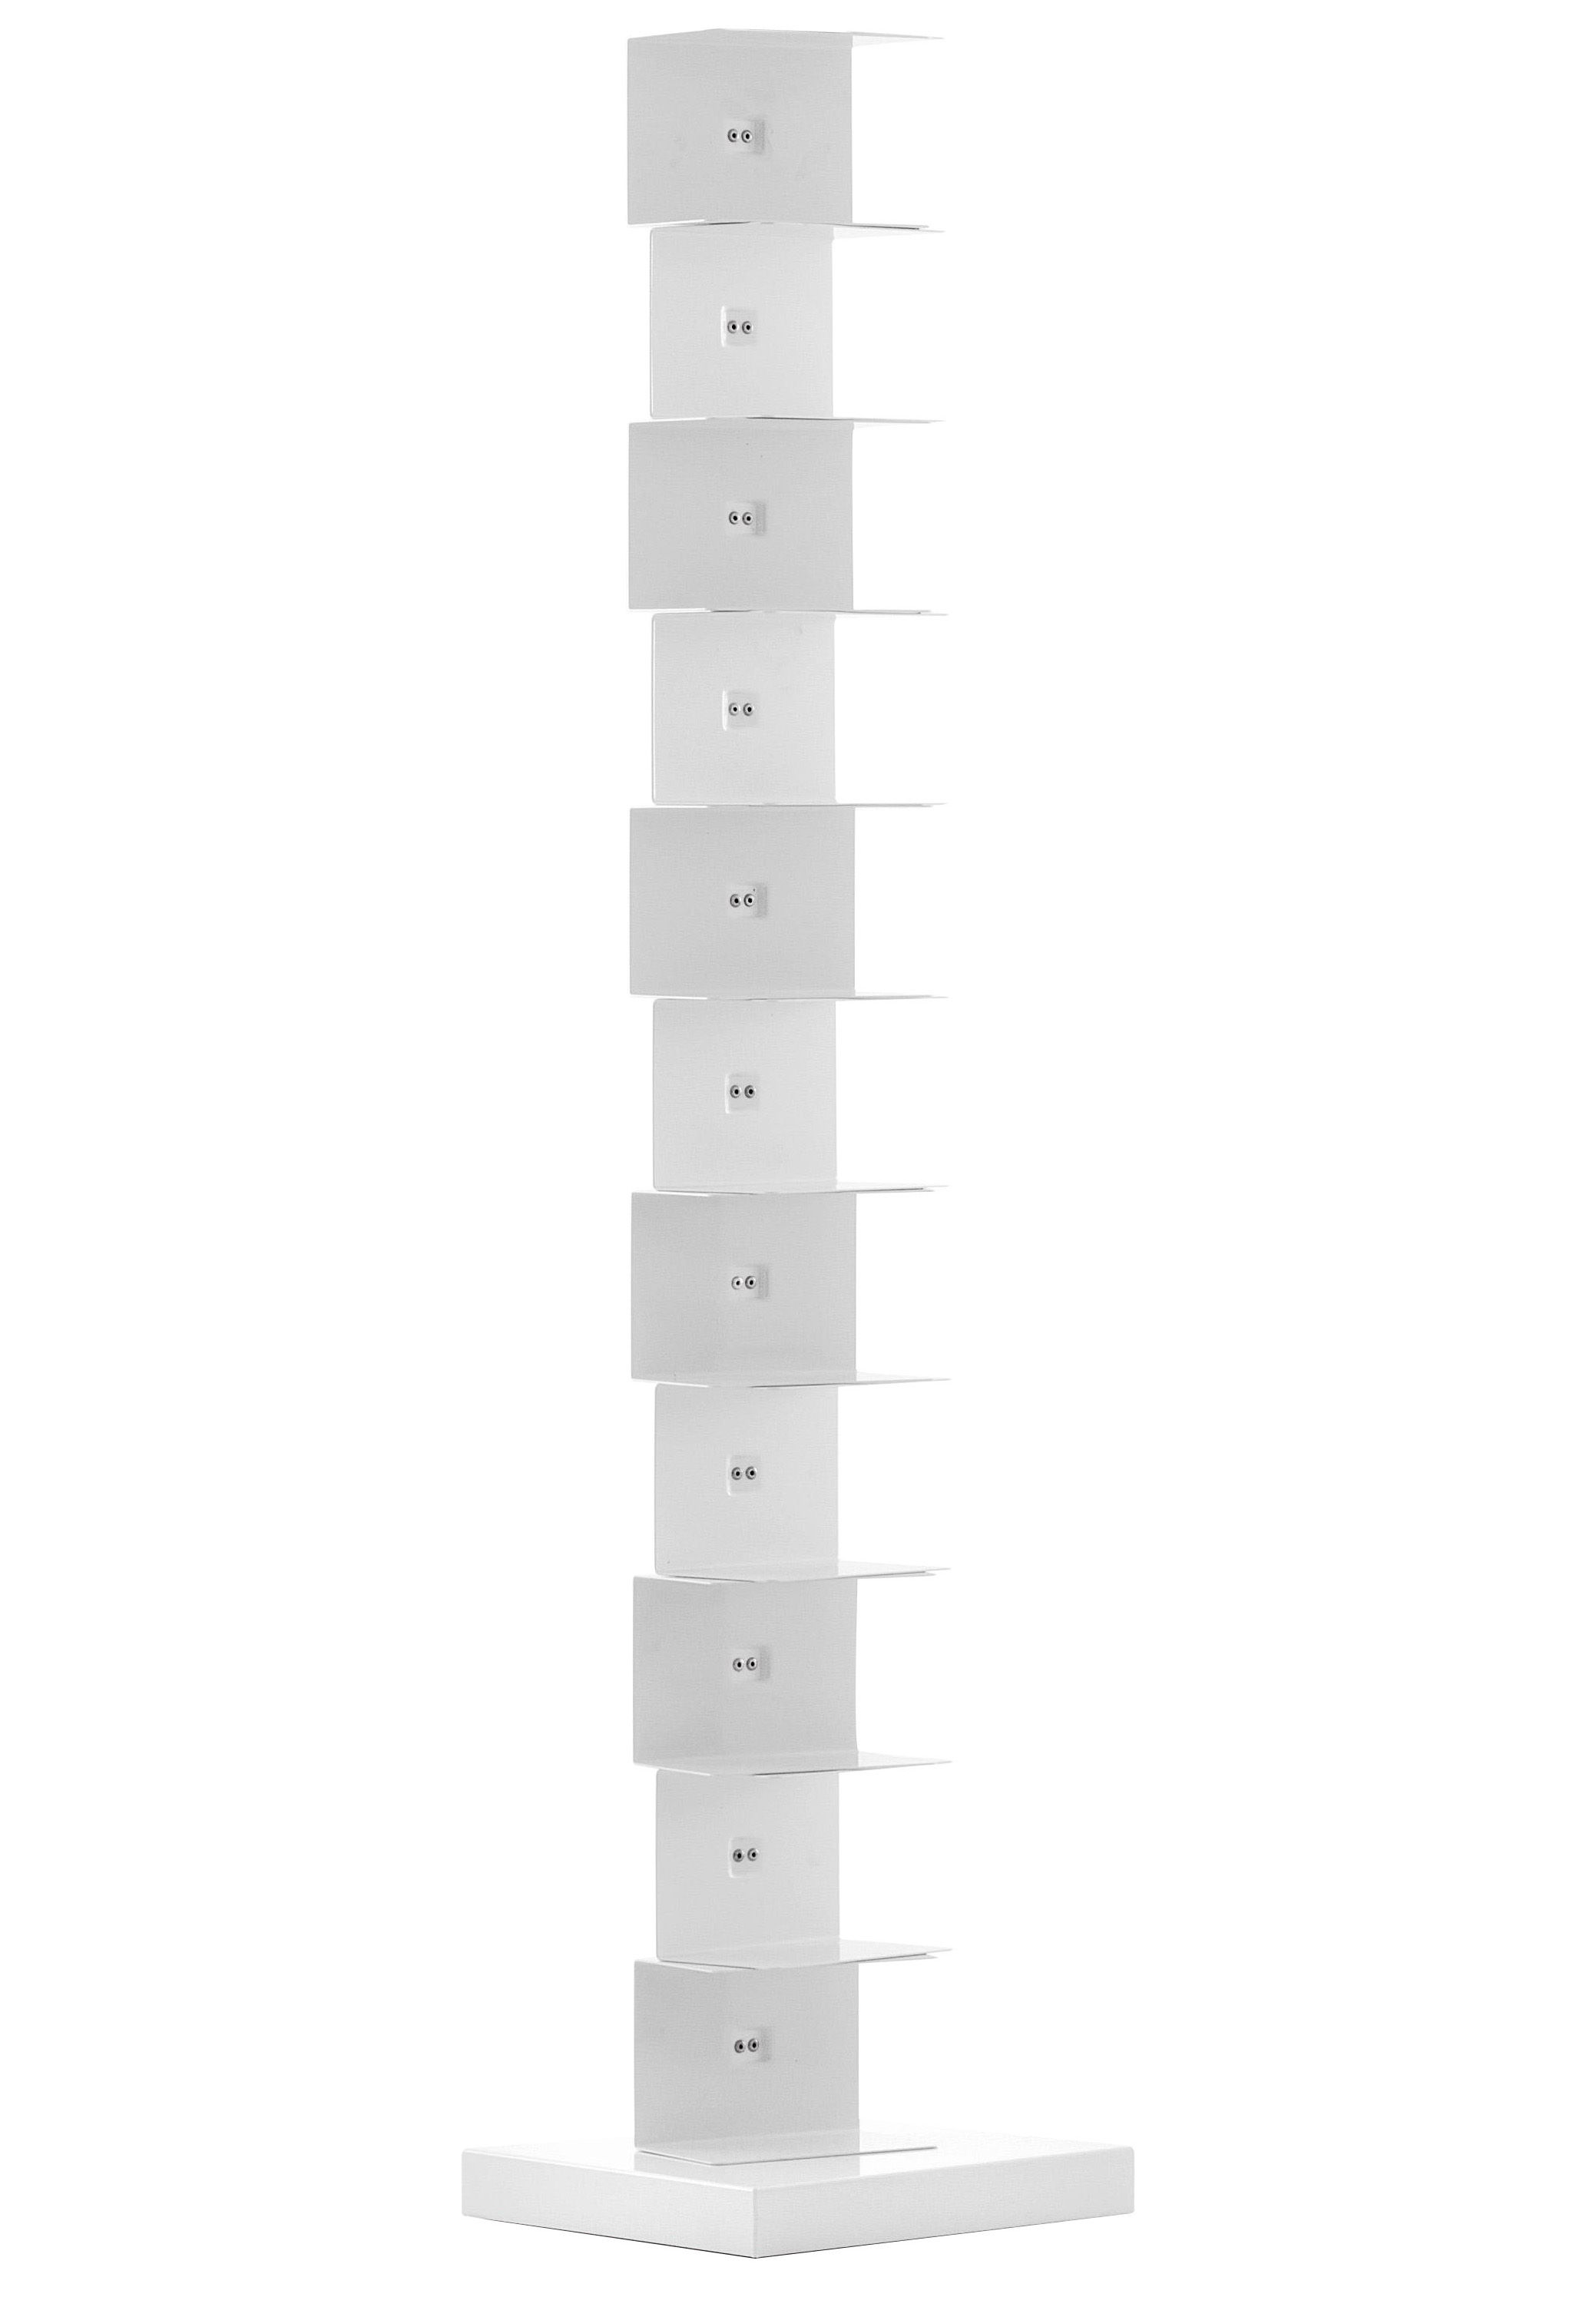 Mobilier - Etagères & bibliothèques - Bibliothèque Ptolomeo / 1 face - H 160 cm - Opinion Ciatti - Blanc - Acier laqué